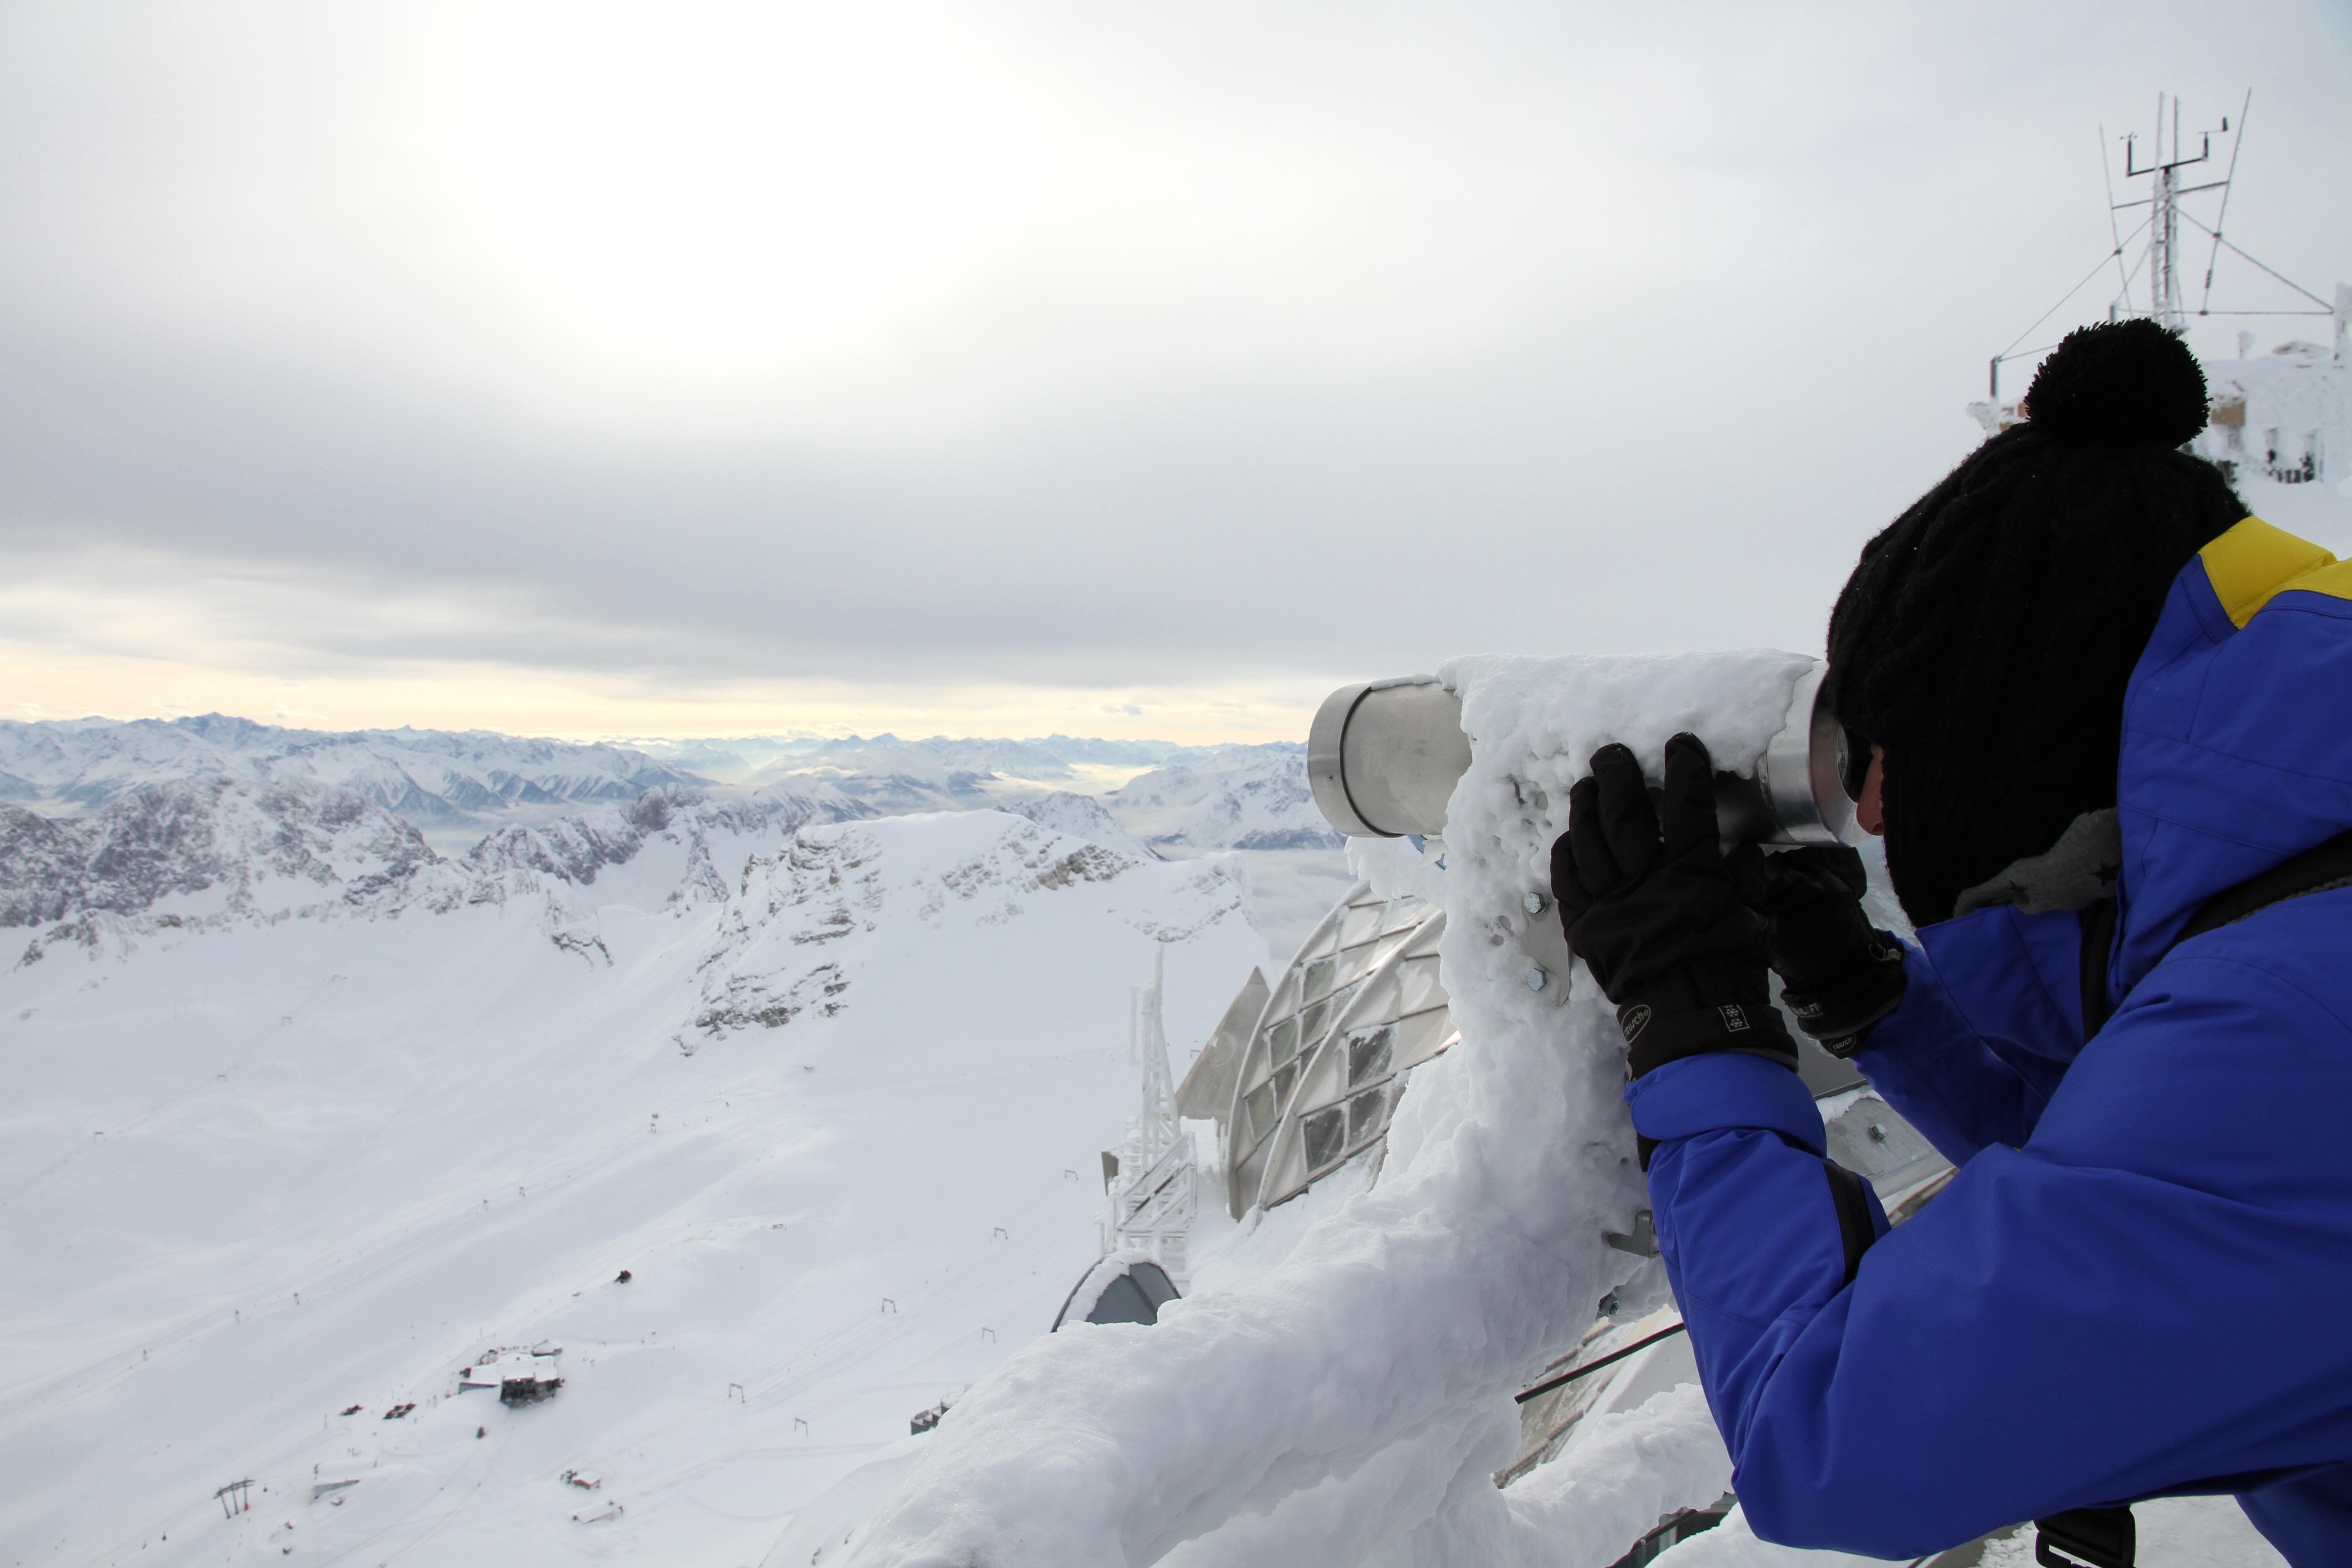 Gipfel-Panorama auf dem höchsten Berg Deutschlands: Ein traumhafter Blick über die Alpenländer Deutschland, Österreich, Schweiz und Italien – auf fast 3000 Metern Höhe.